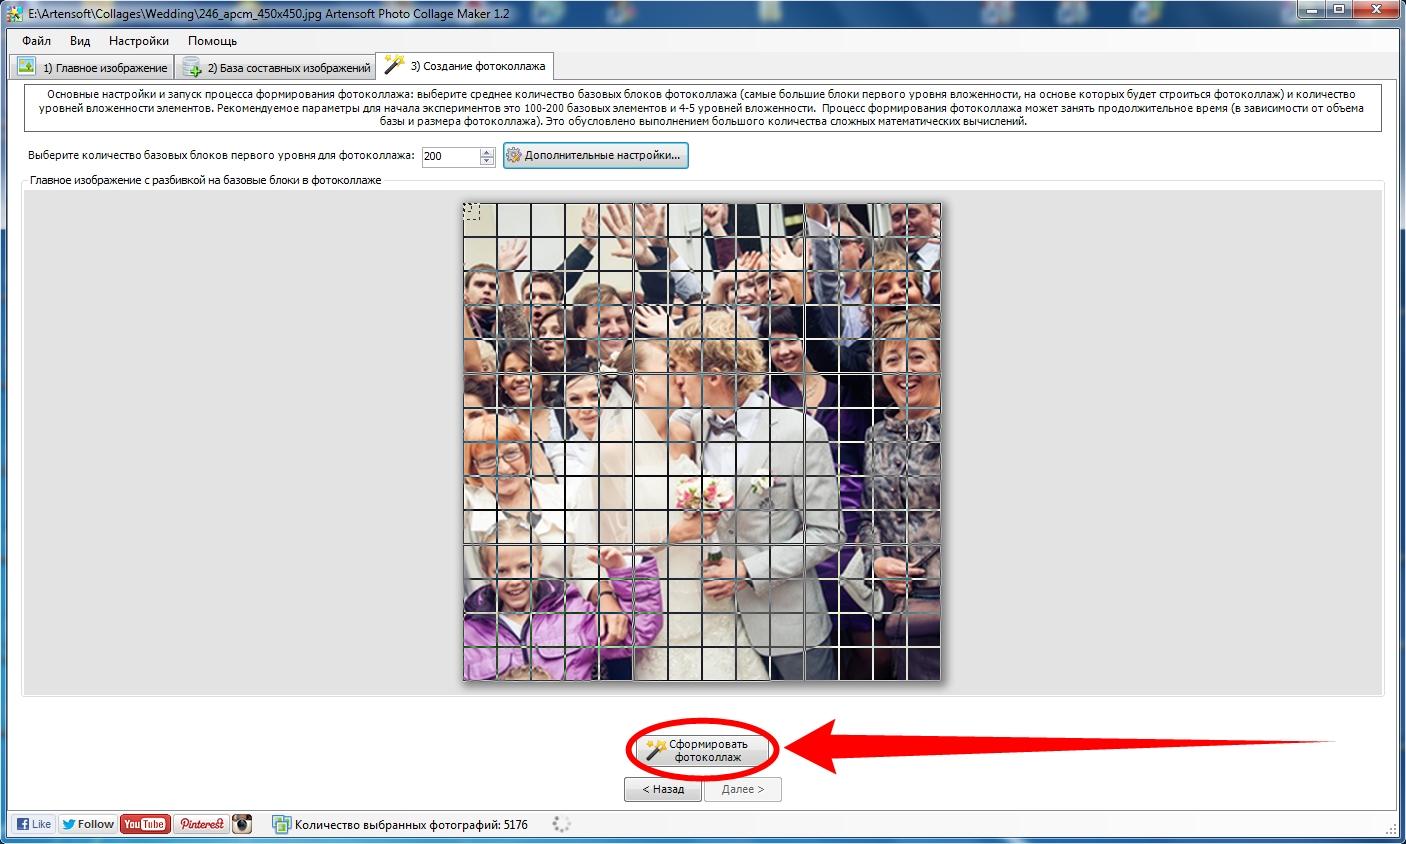 лучшая программа для редактирования фото в инстаграм